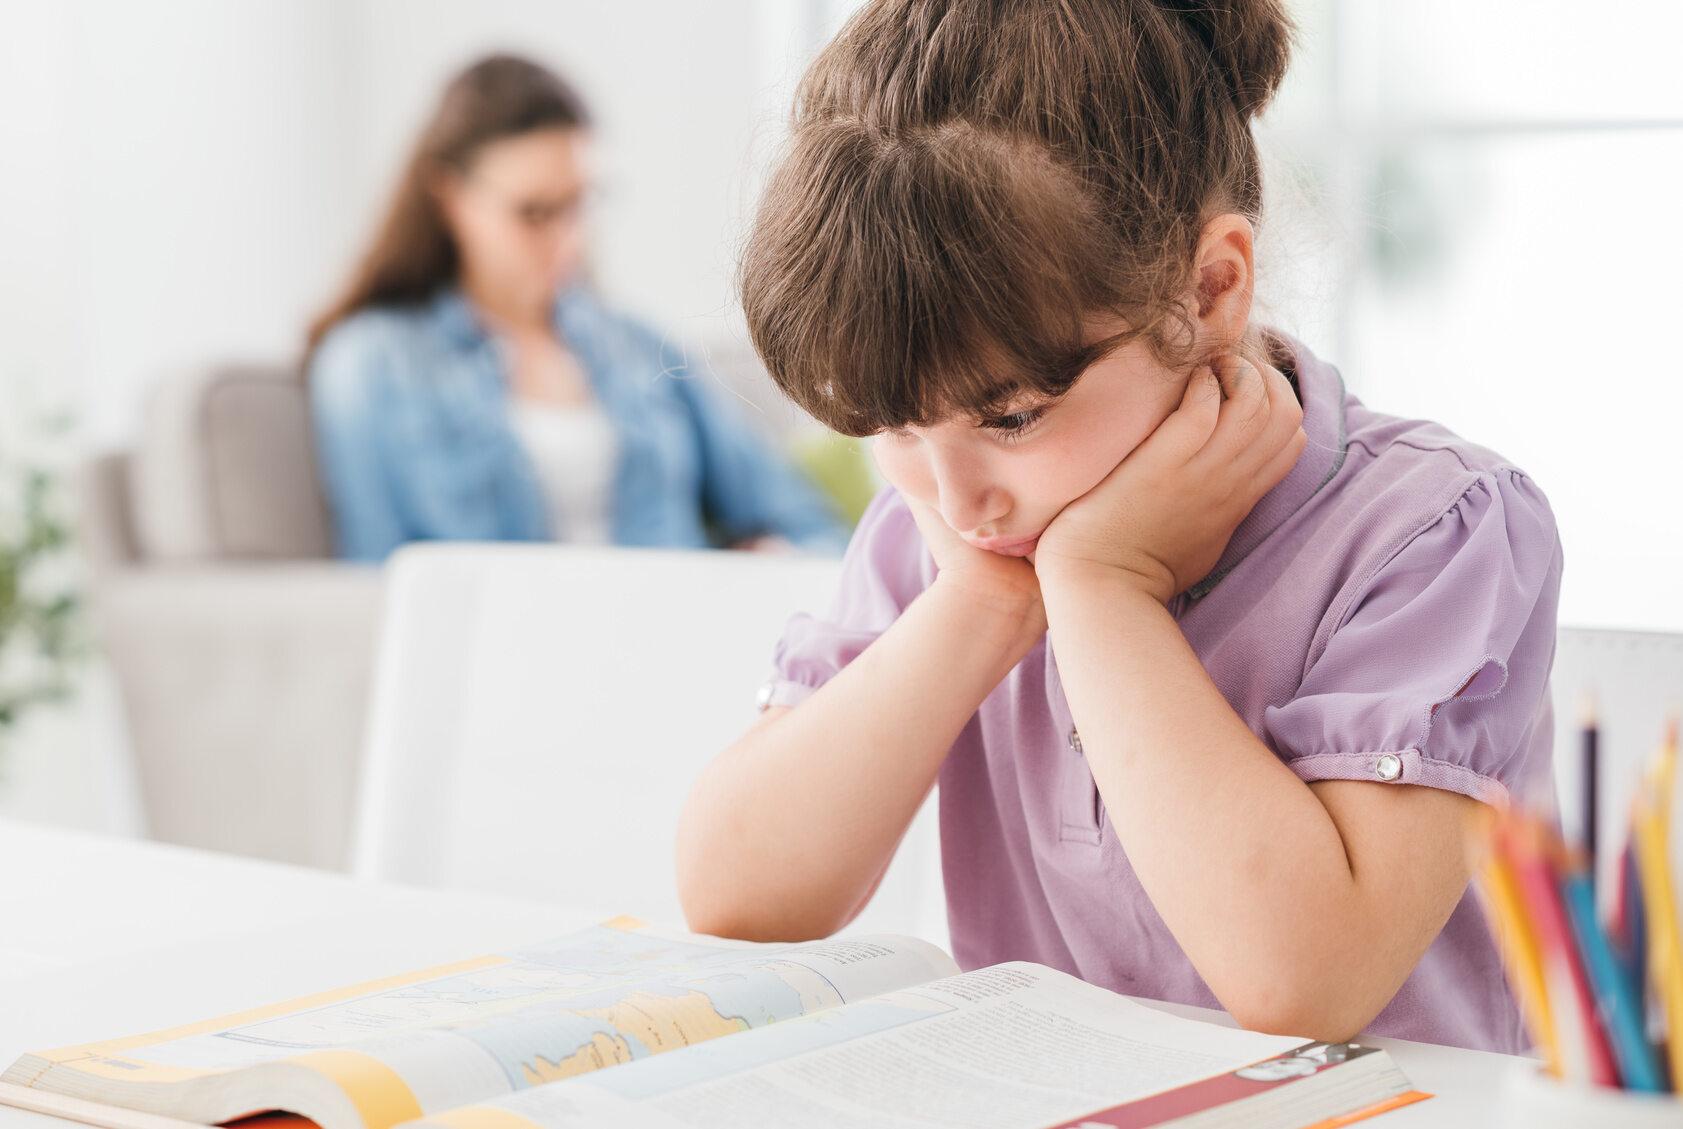 Dziecko z podręcznikiem, zdjęcie ilustracyjne